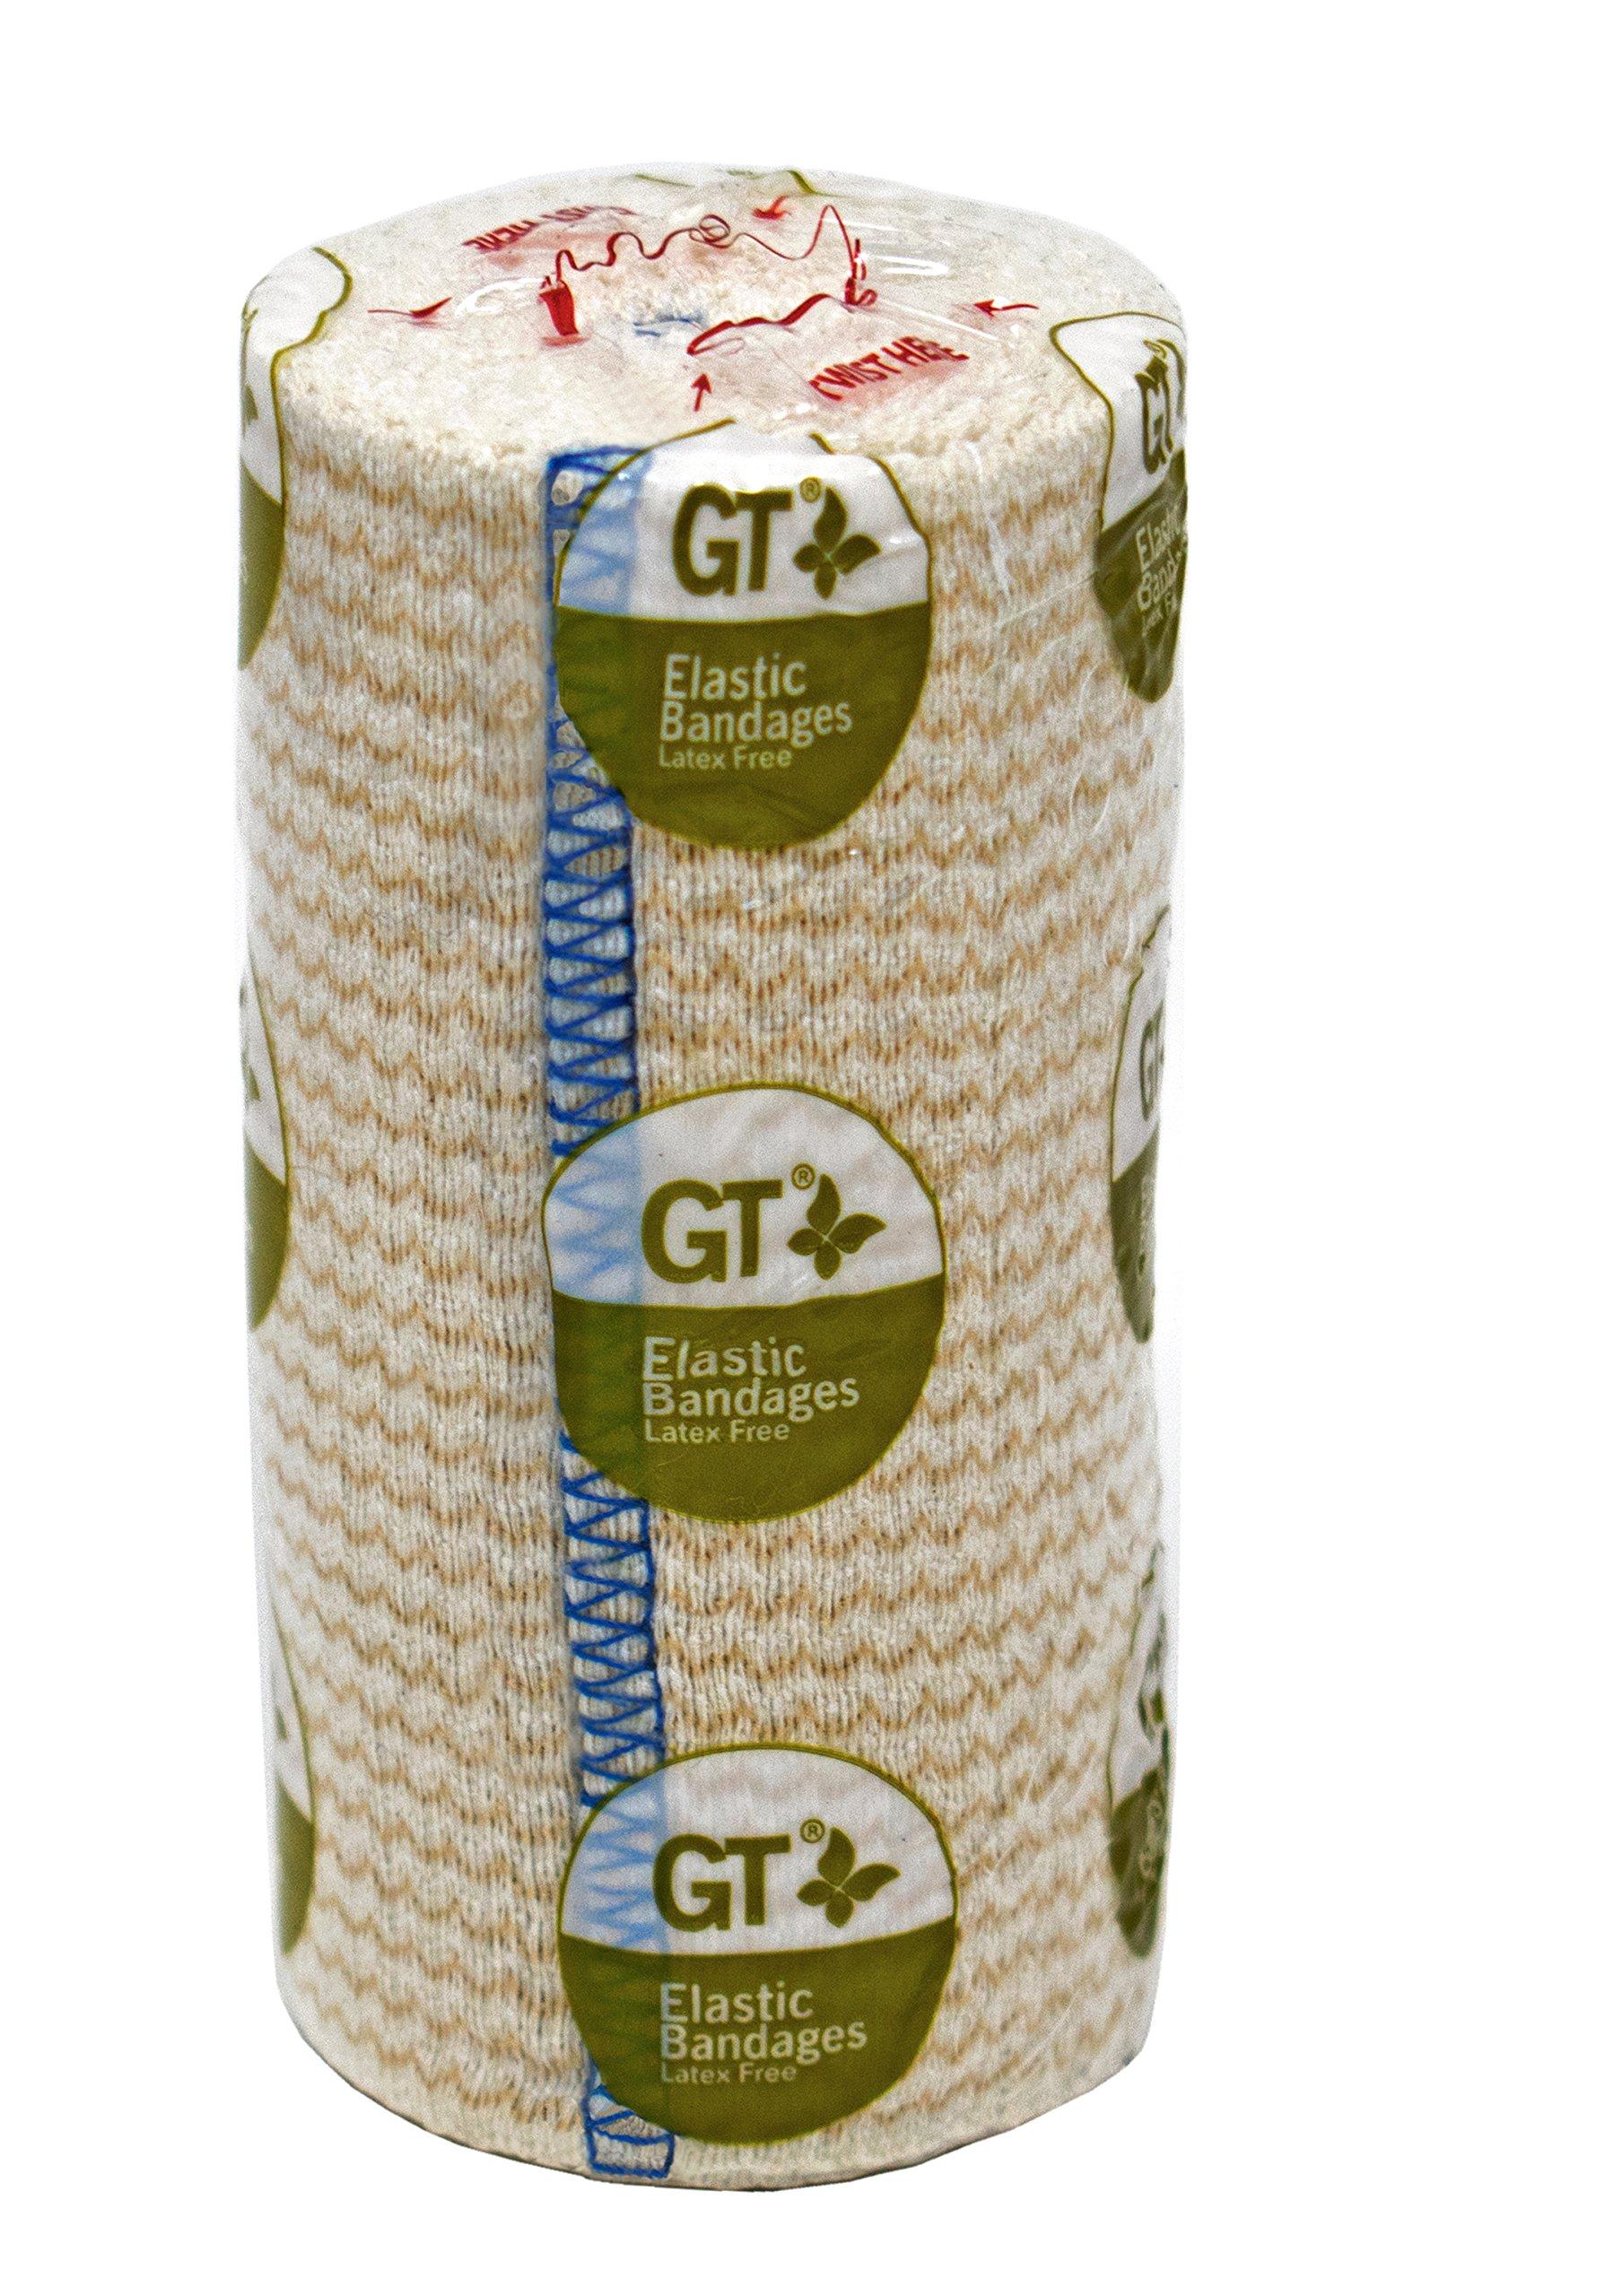 GT Cotton Elastic Bandage Roll w/Hook Loop Closure, 4'' Width - 2 Pack